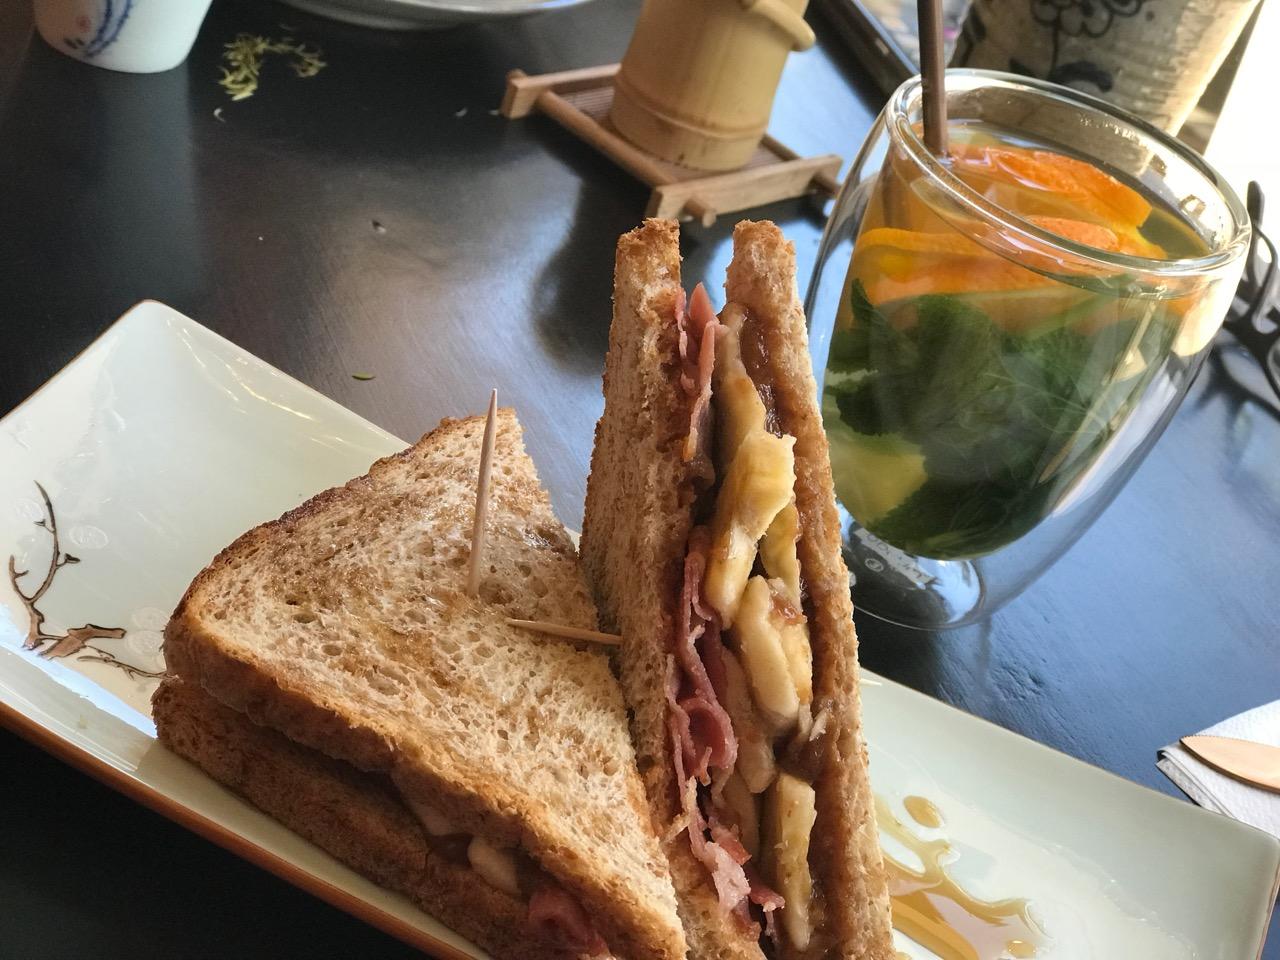 Mai`s Kuchenbar: Sandwich mit Banane, Erdnussbutter und Bacon